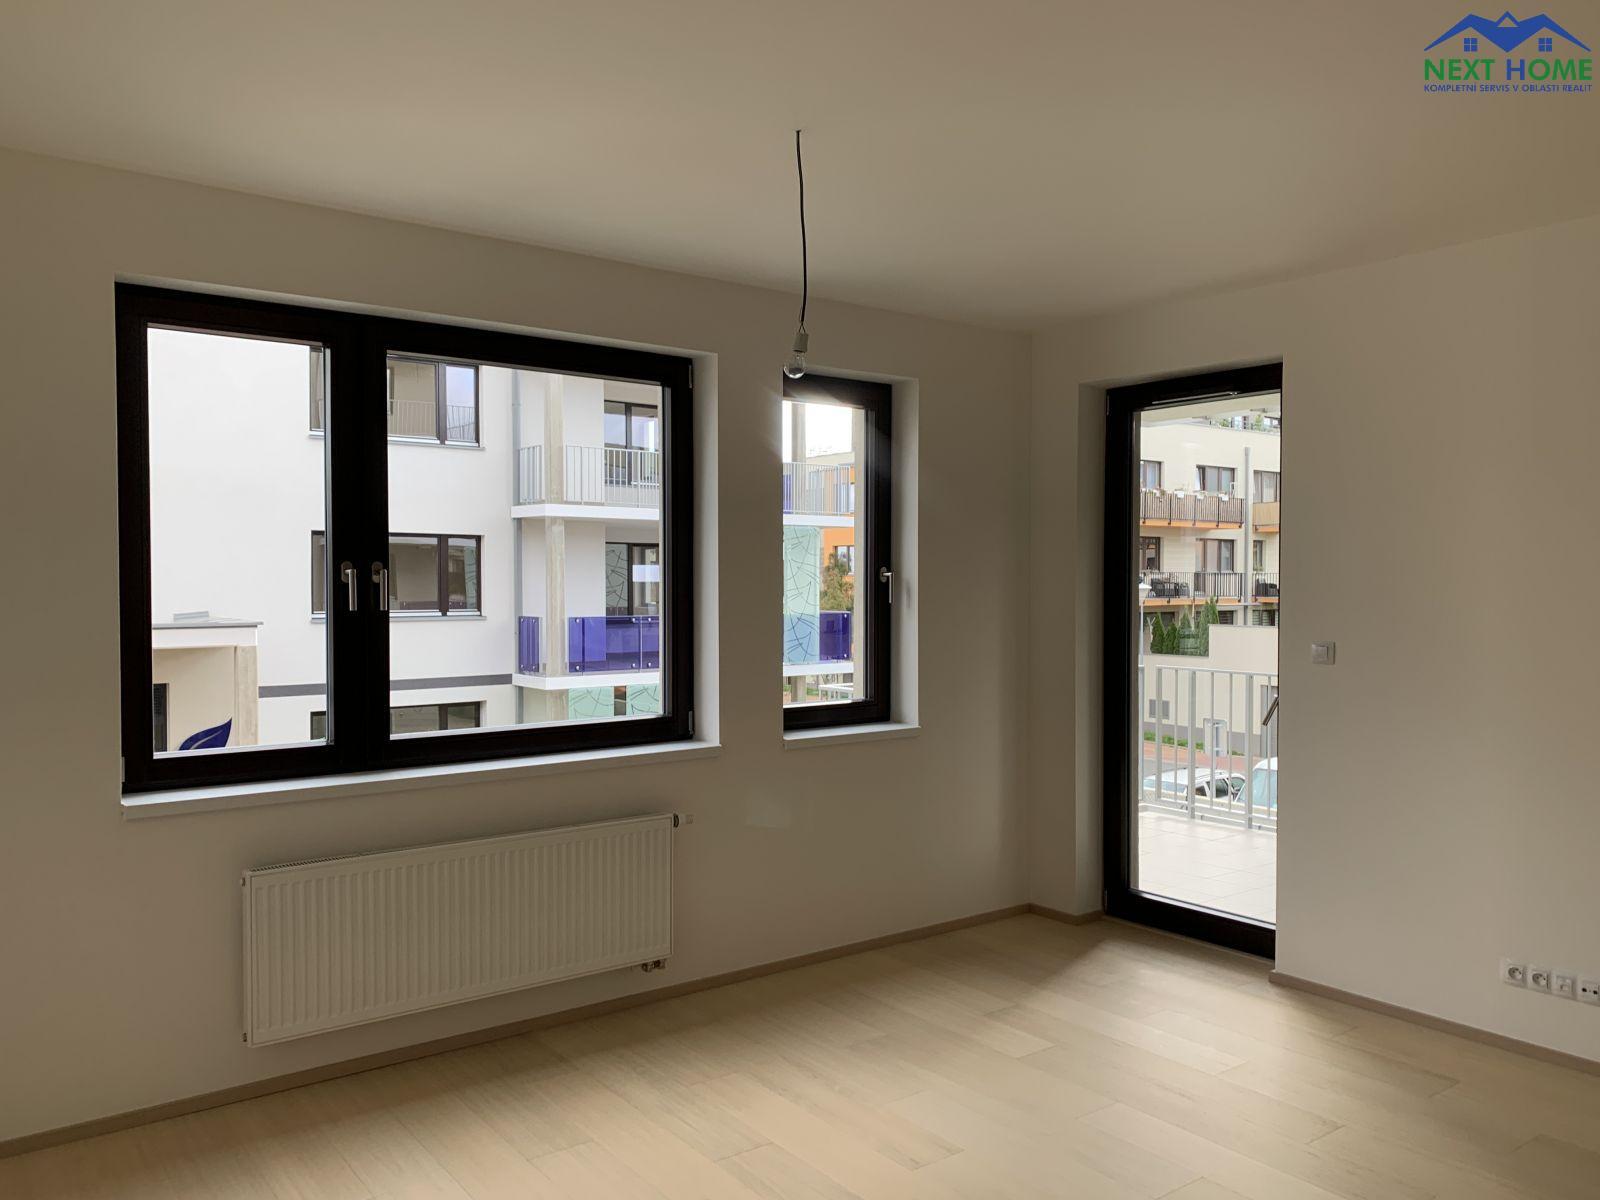 Pronájem byt 2+kk, novostavba v OV, 51,5 m2, ul. K Beranovu, Praha 8, Dolní Chabry.